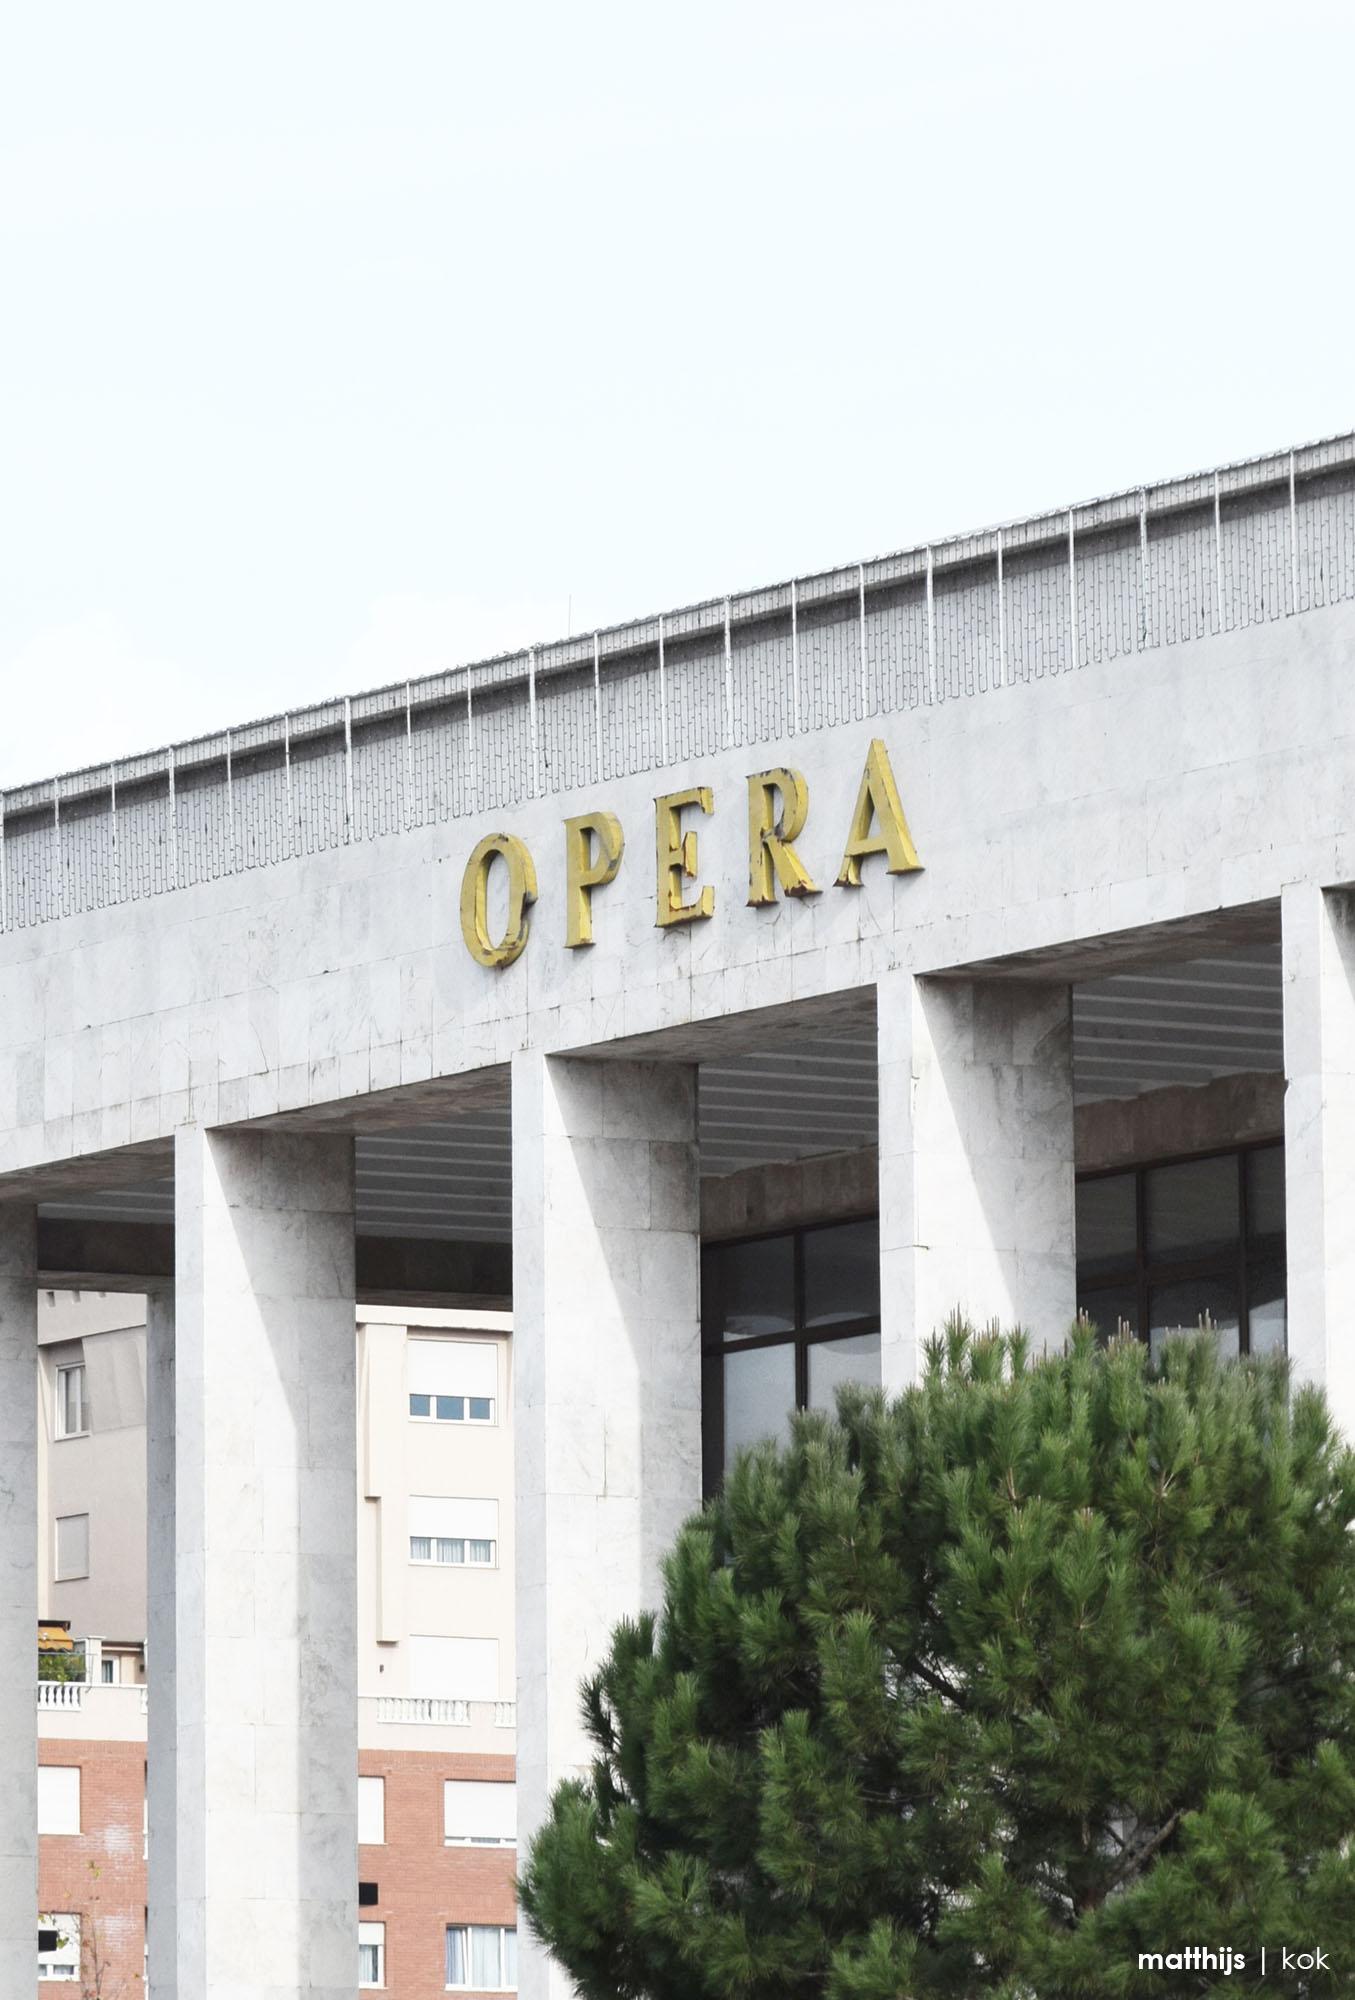 Palace of Culture, Tirana, Albania   Photo by Matthijs Kok